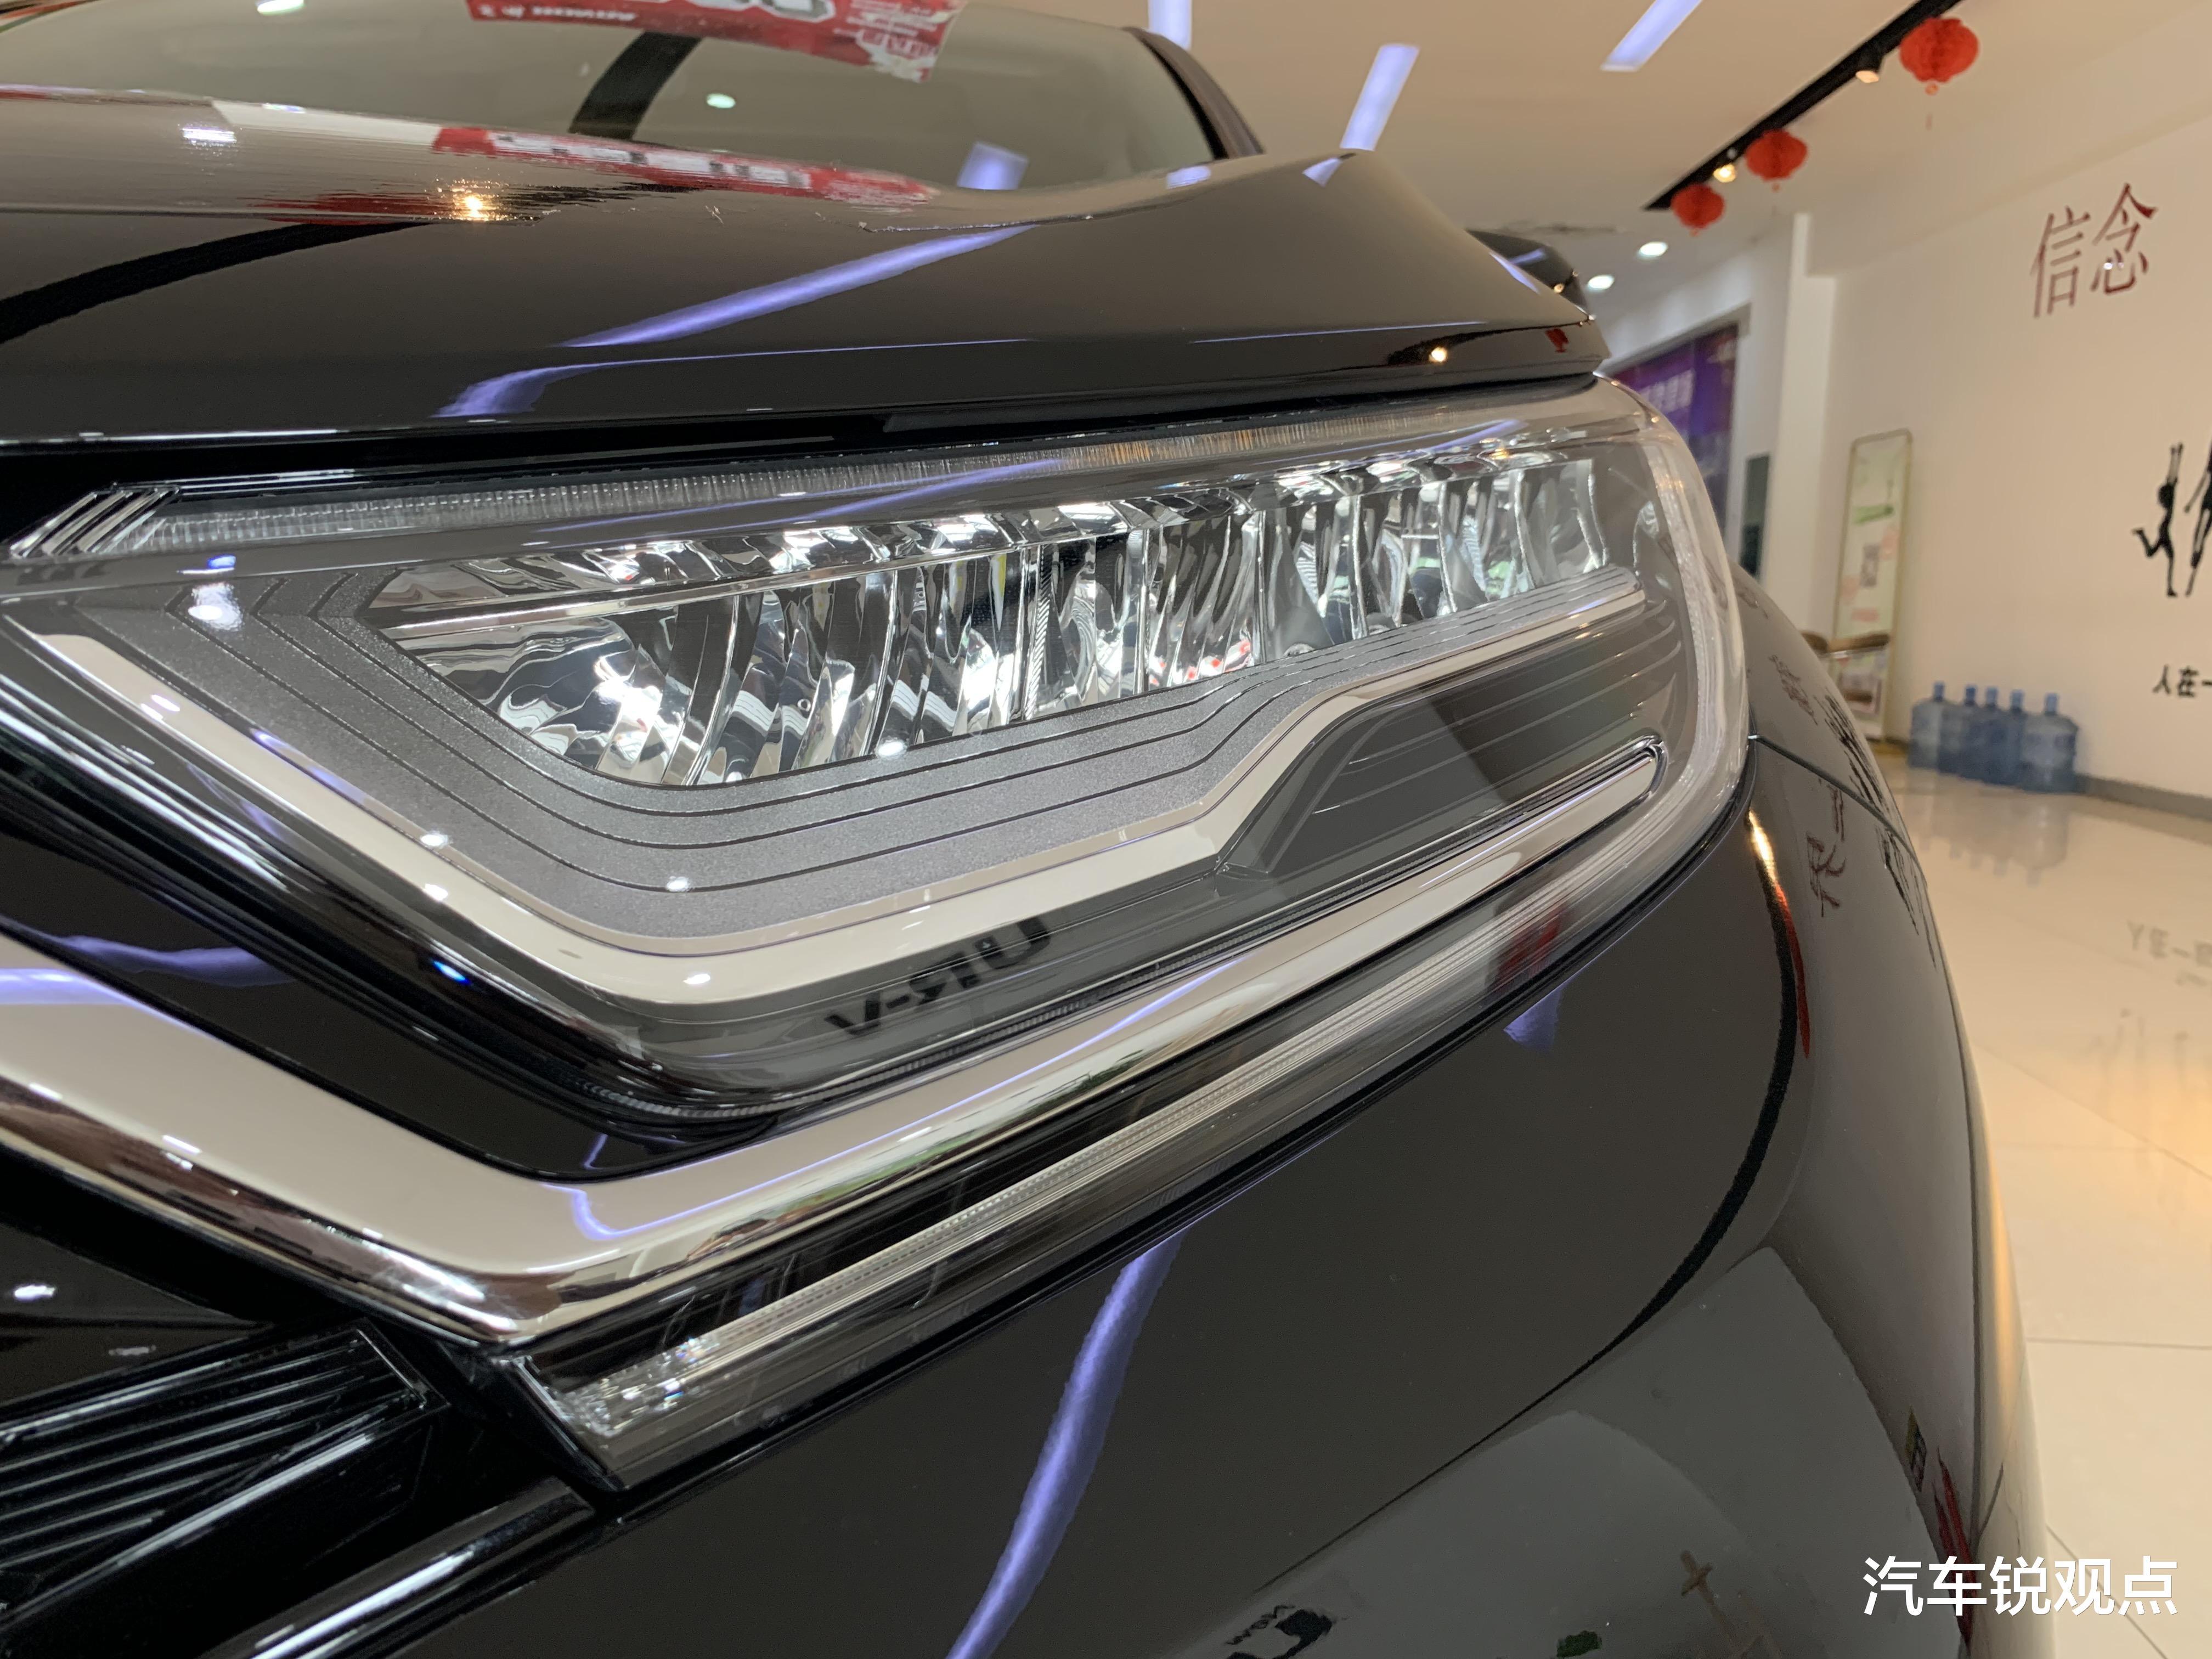 CR-V銷量爆發,12月賣出3.7萬輛,探店瞭解實力到底如何-圖3